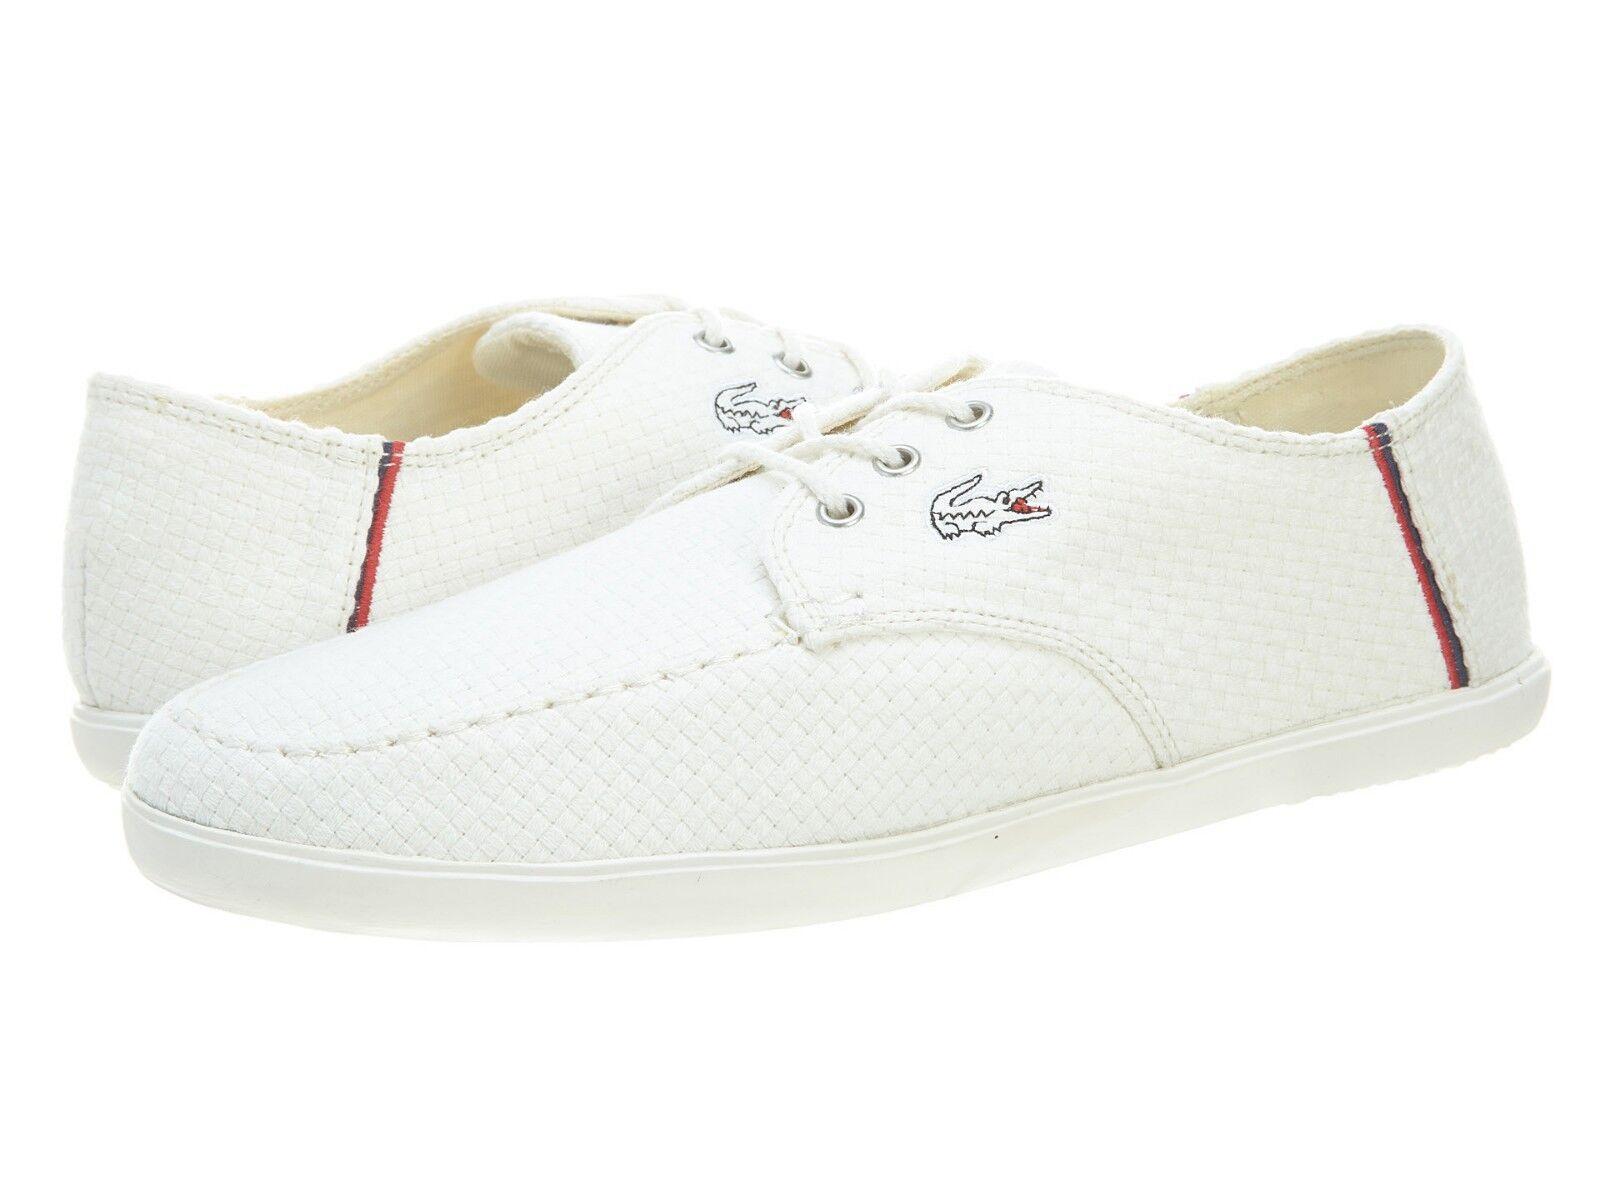 Scarpe casual da uomo Lacoste Aristide 13 SRM CNV # 7-27SRM2304098 Off White Canvas Sneaker uomo SZ 12